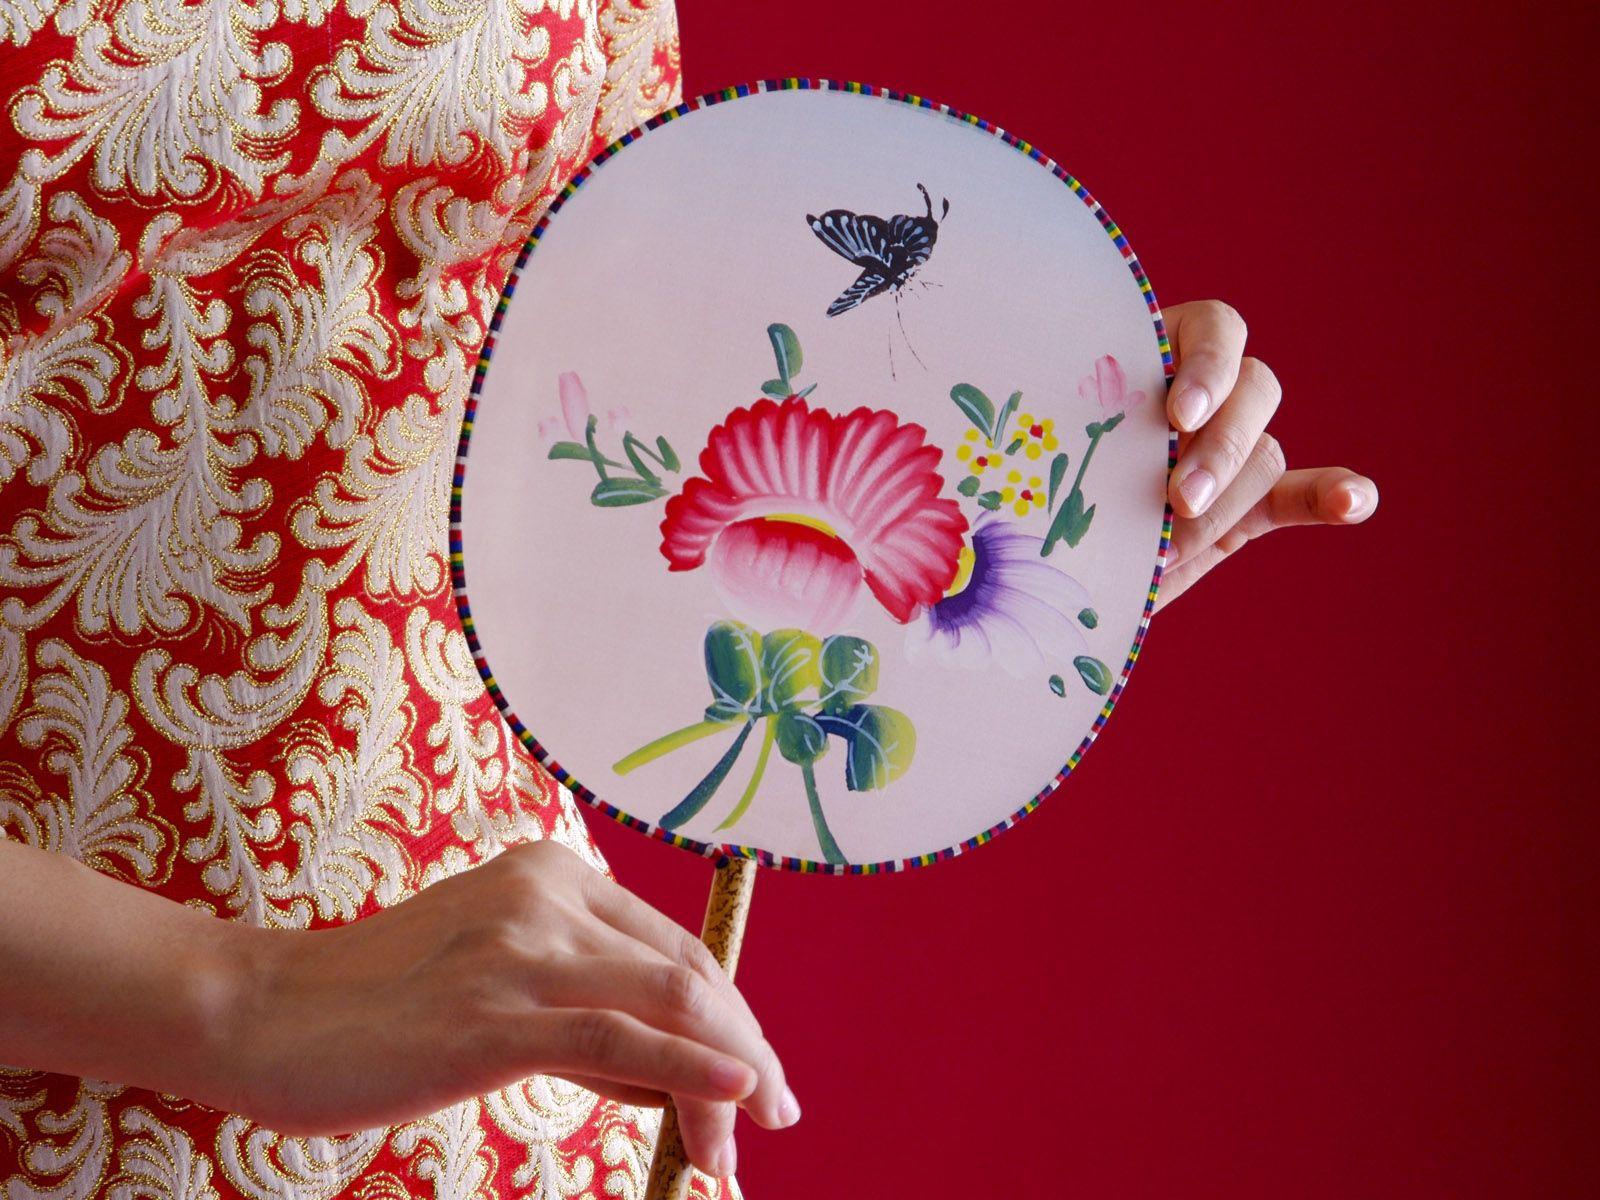 98615壁紙のダウンロードその他, 雑, 女の子, 手, 着物, ファン, 扇, 中国, パターン-スクリーンセーバーと写真を無料で